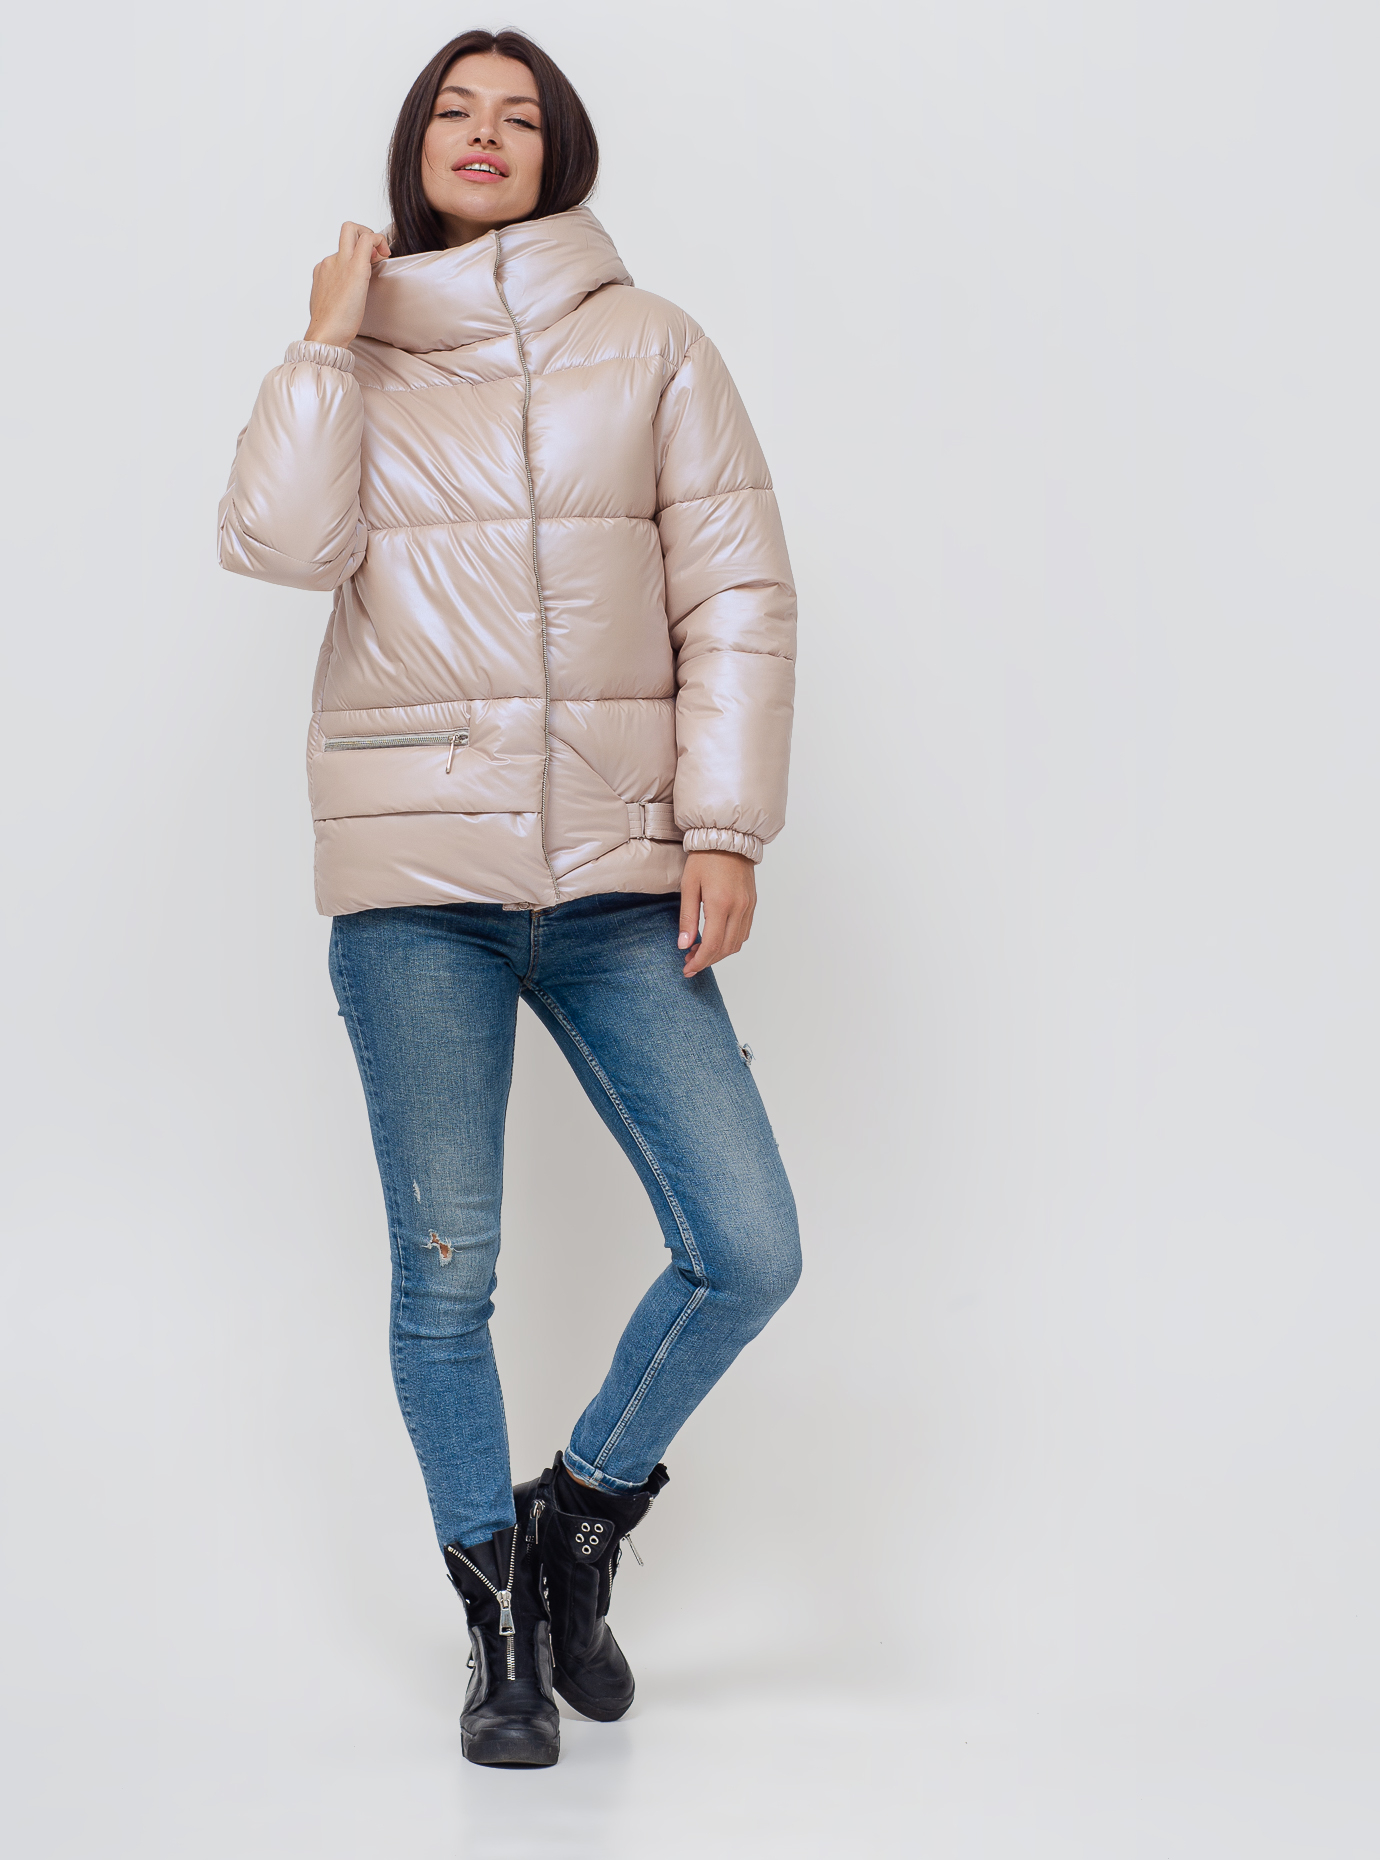 Жіноча зимова куртка Молочний 40 (02-KL201040): фото - Alster.ua